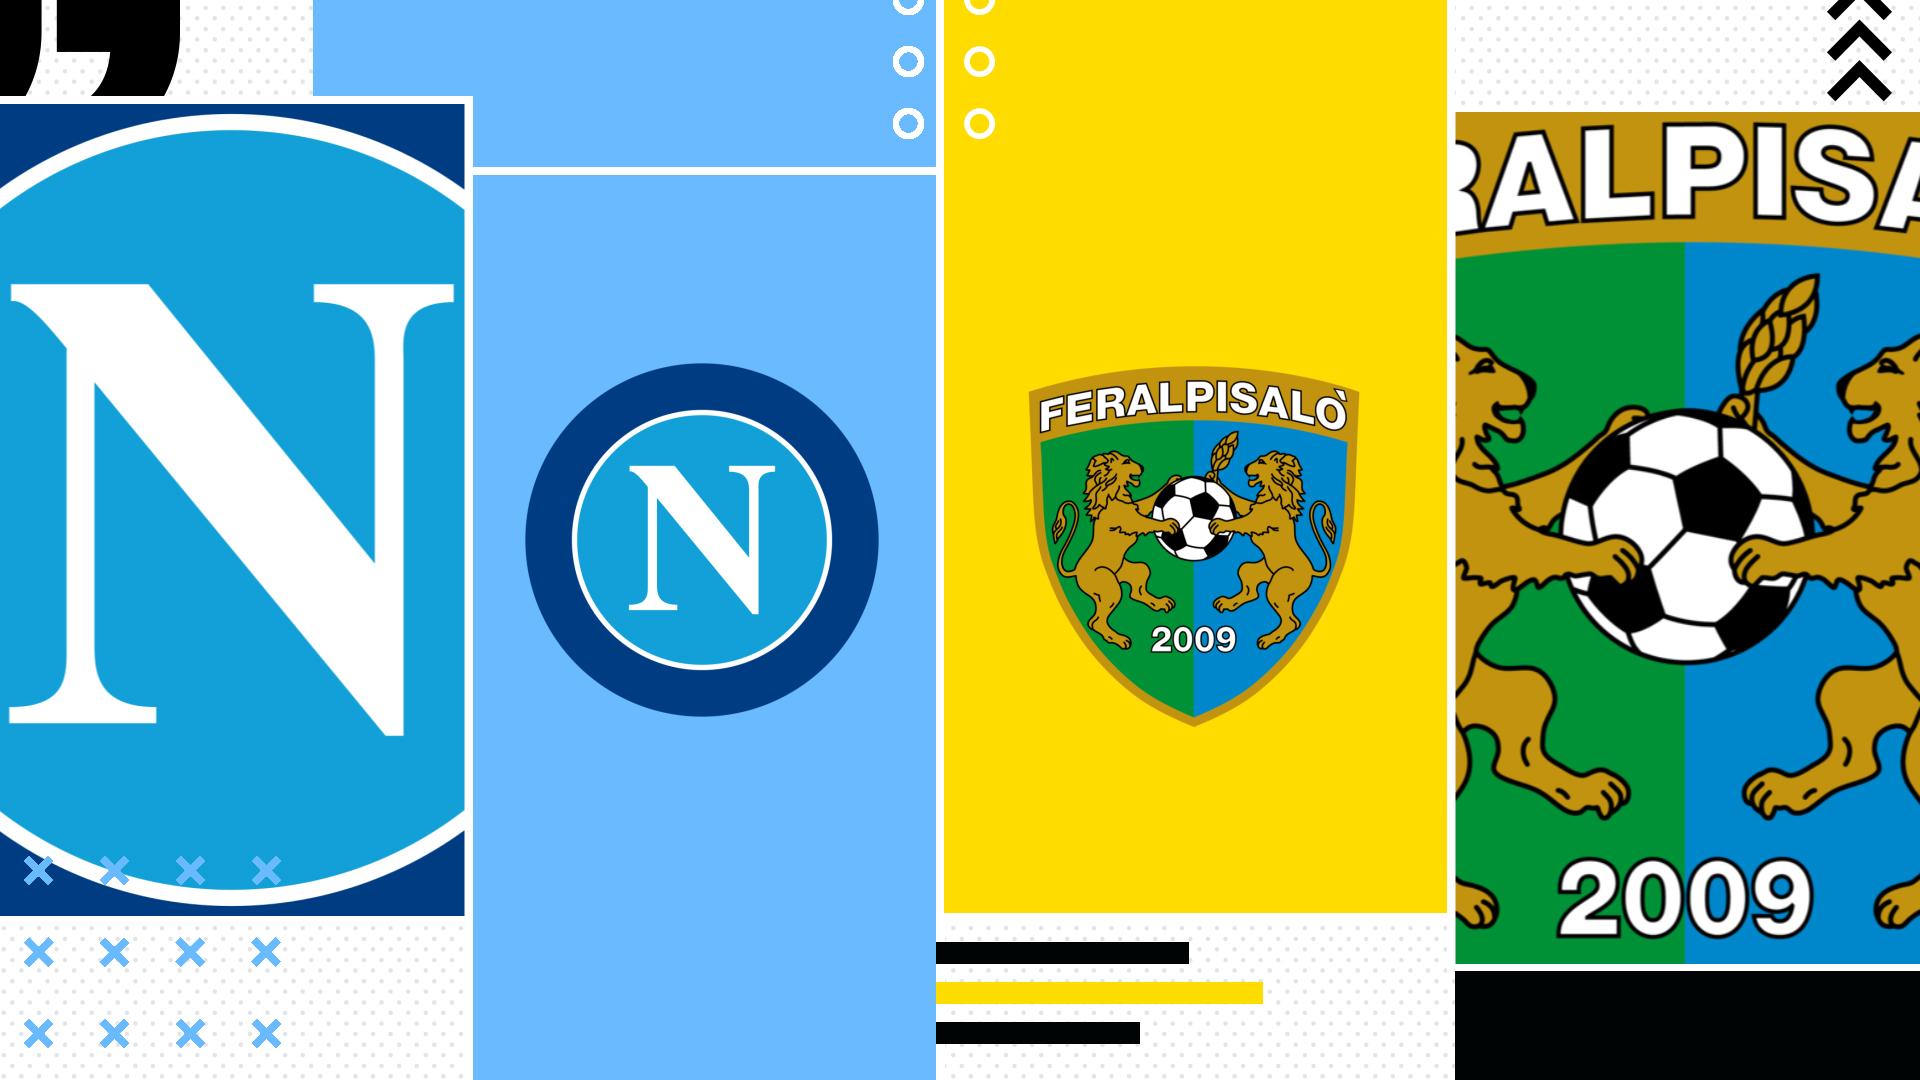 Calciomercato Napoli, Ancelotti svela: